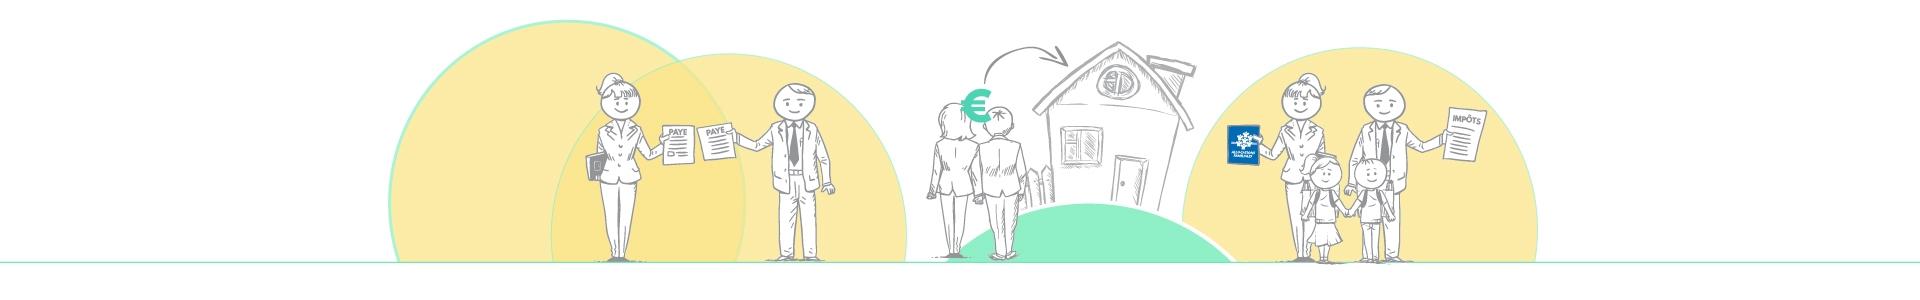 Le couple contribue-t-il encore à réduire les inégalités ?